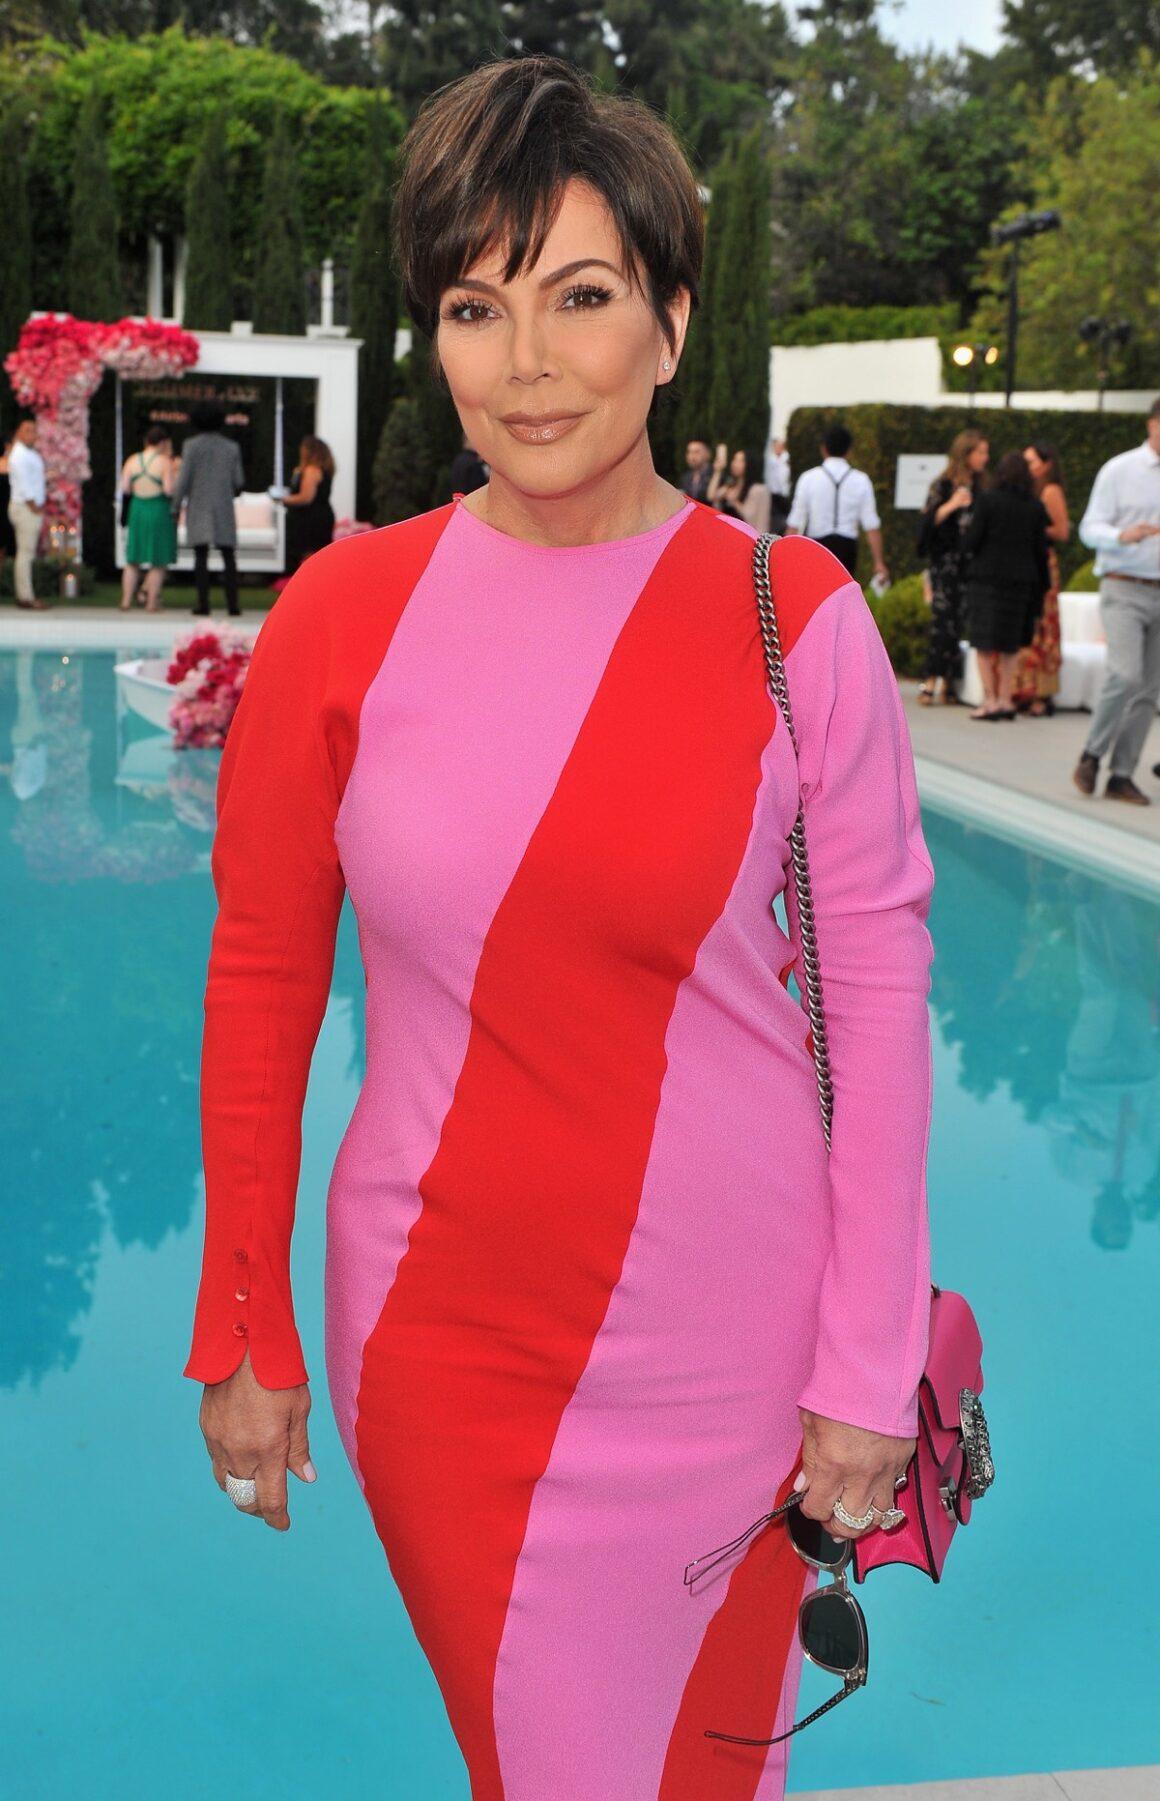 Kris Jenner Airbnb Concerts - John Legend Summer of LVE